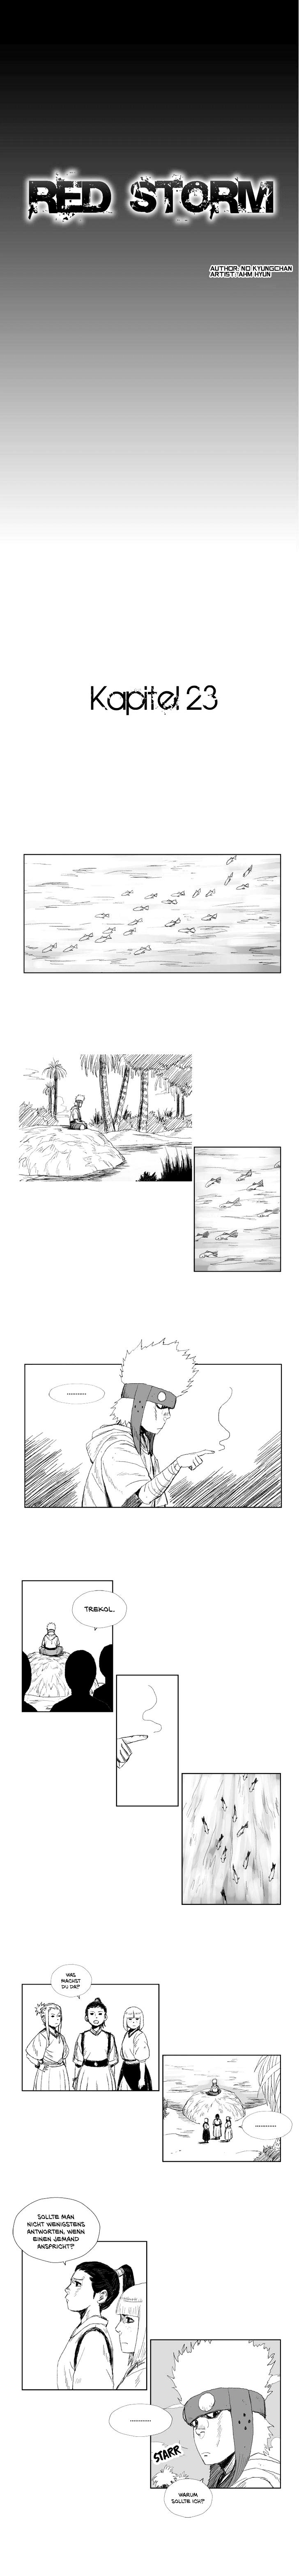 https://wie.mangadogs.com/comics/pic/13/525/201778/Kapitel23_0_589.png Page 1